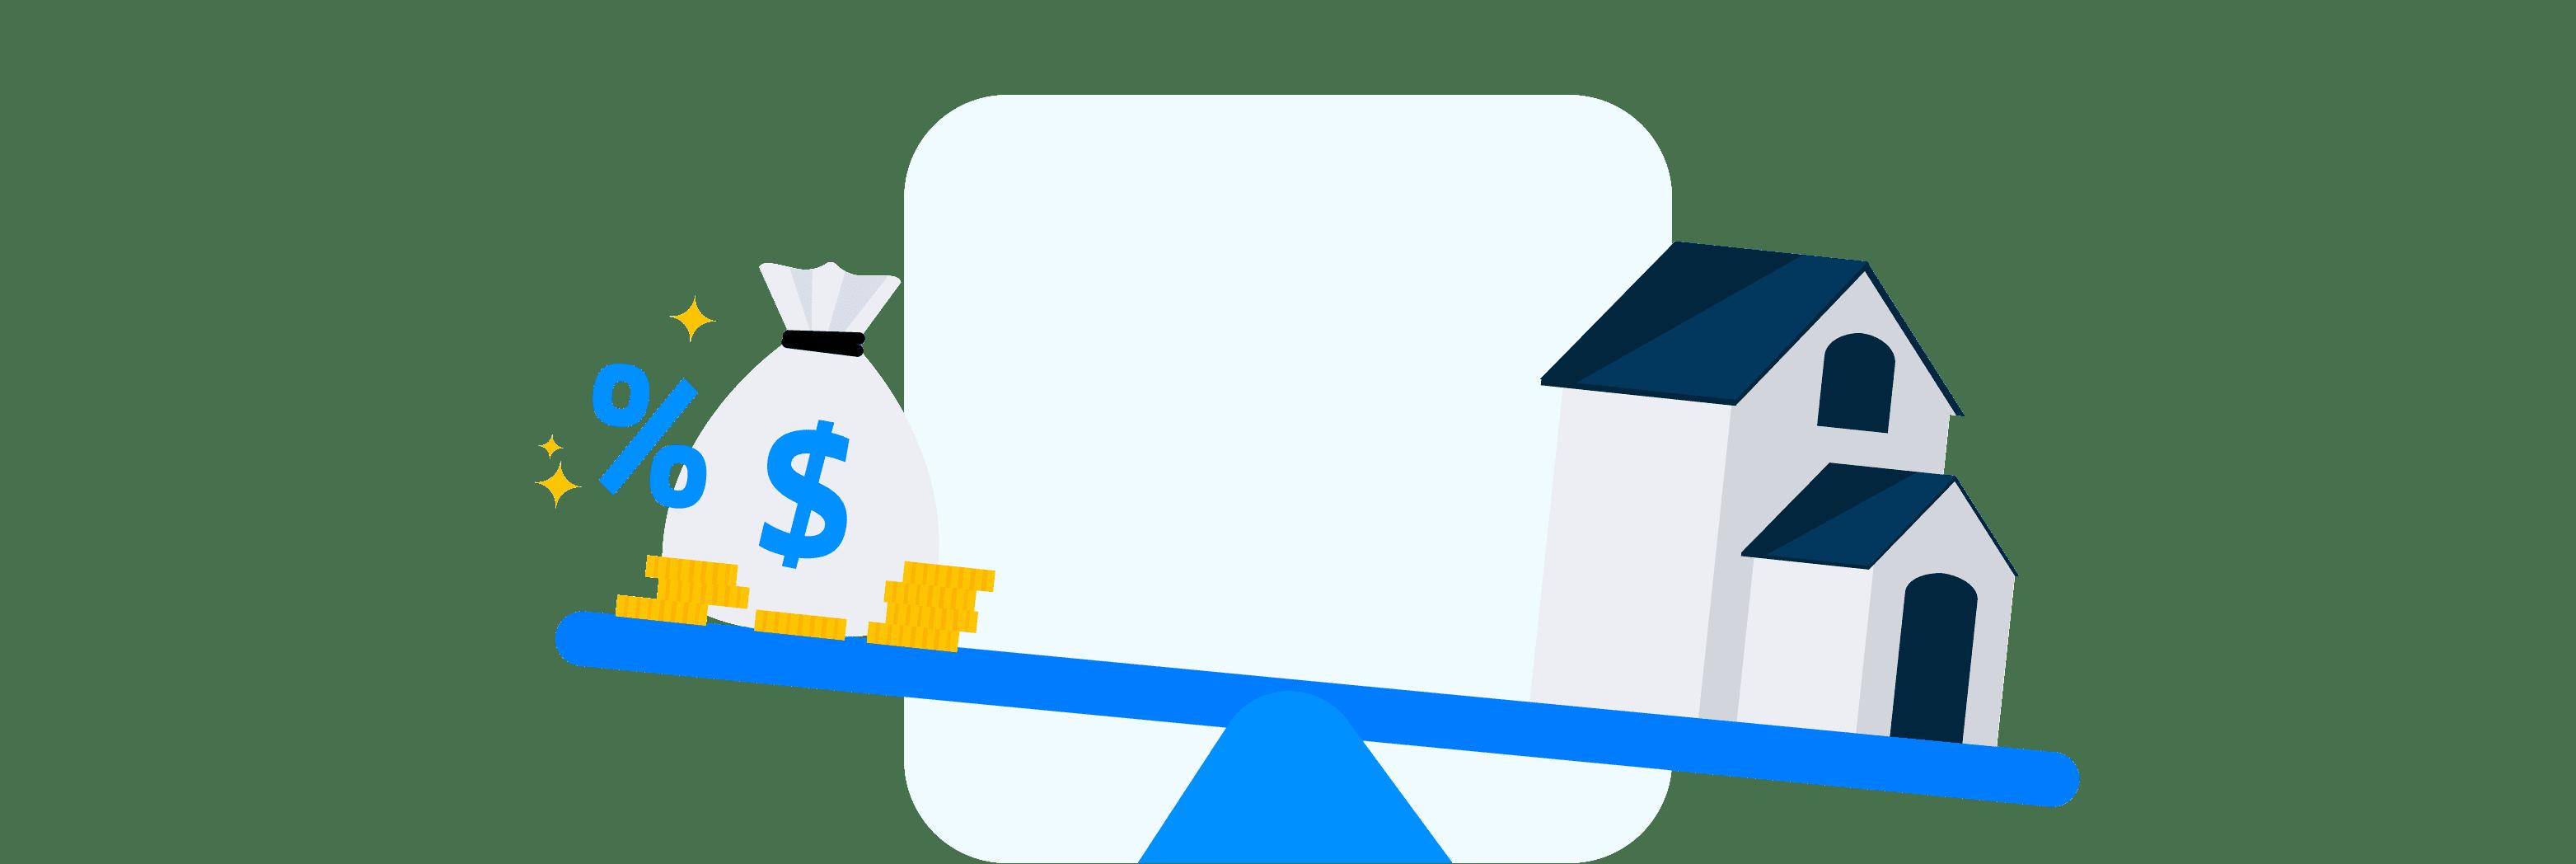 Ilustração mostra de forma lúdica uma gangorra com uma casa de um lado e sacos de dinheiro, moedas e um ícone de porcentagem do outro.